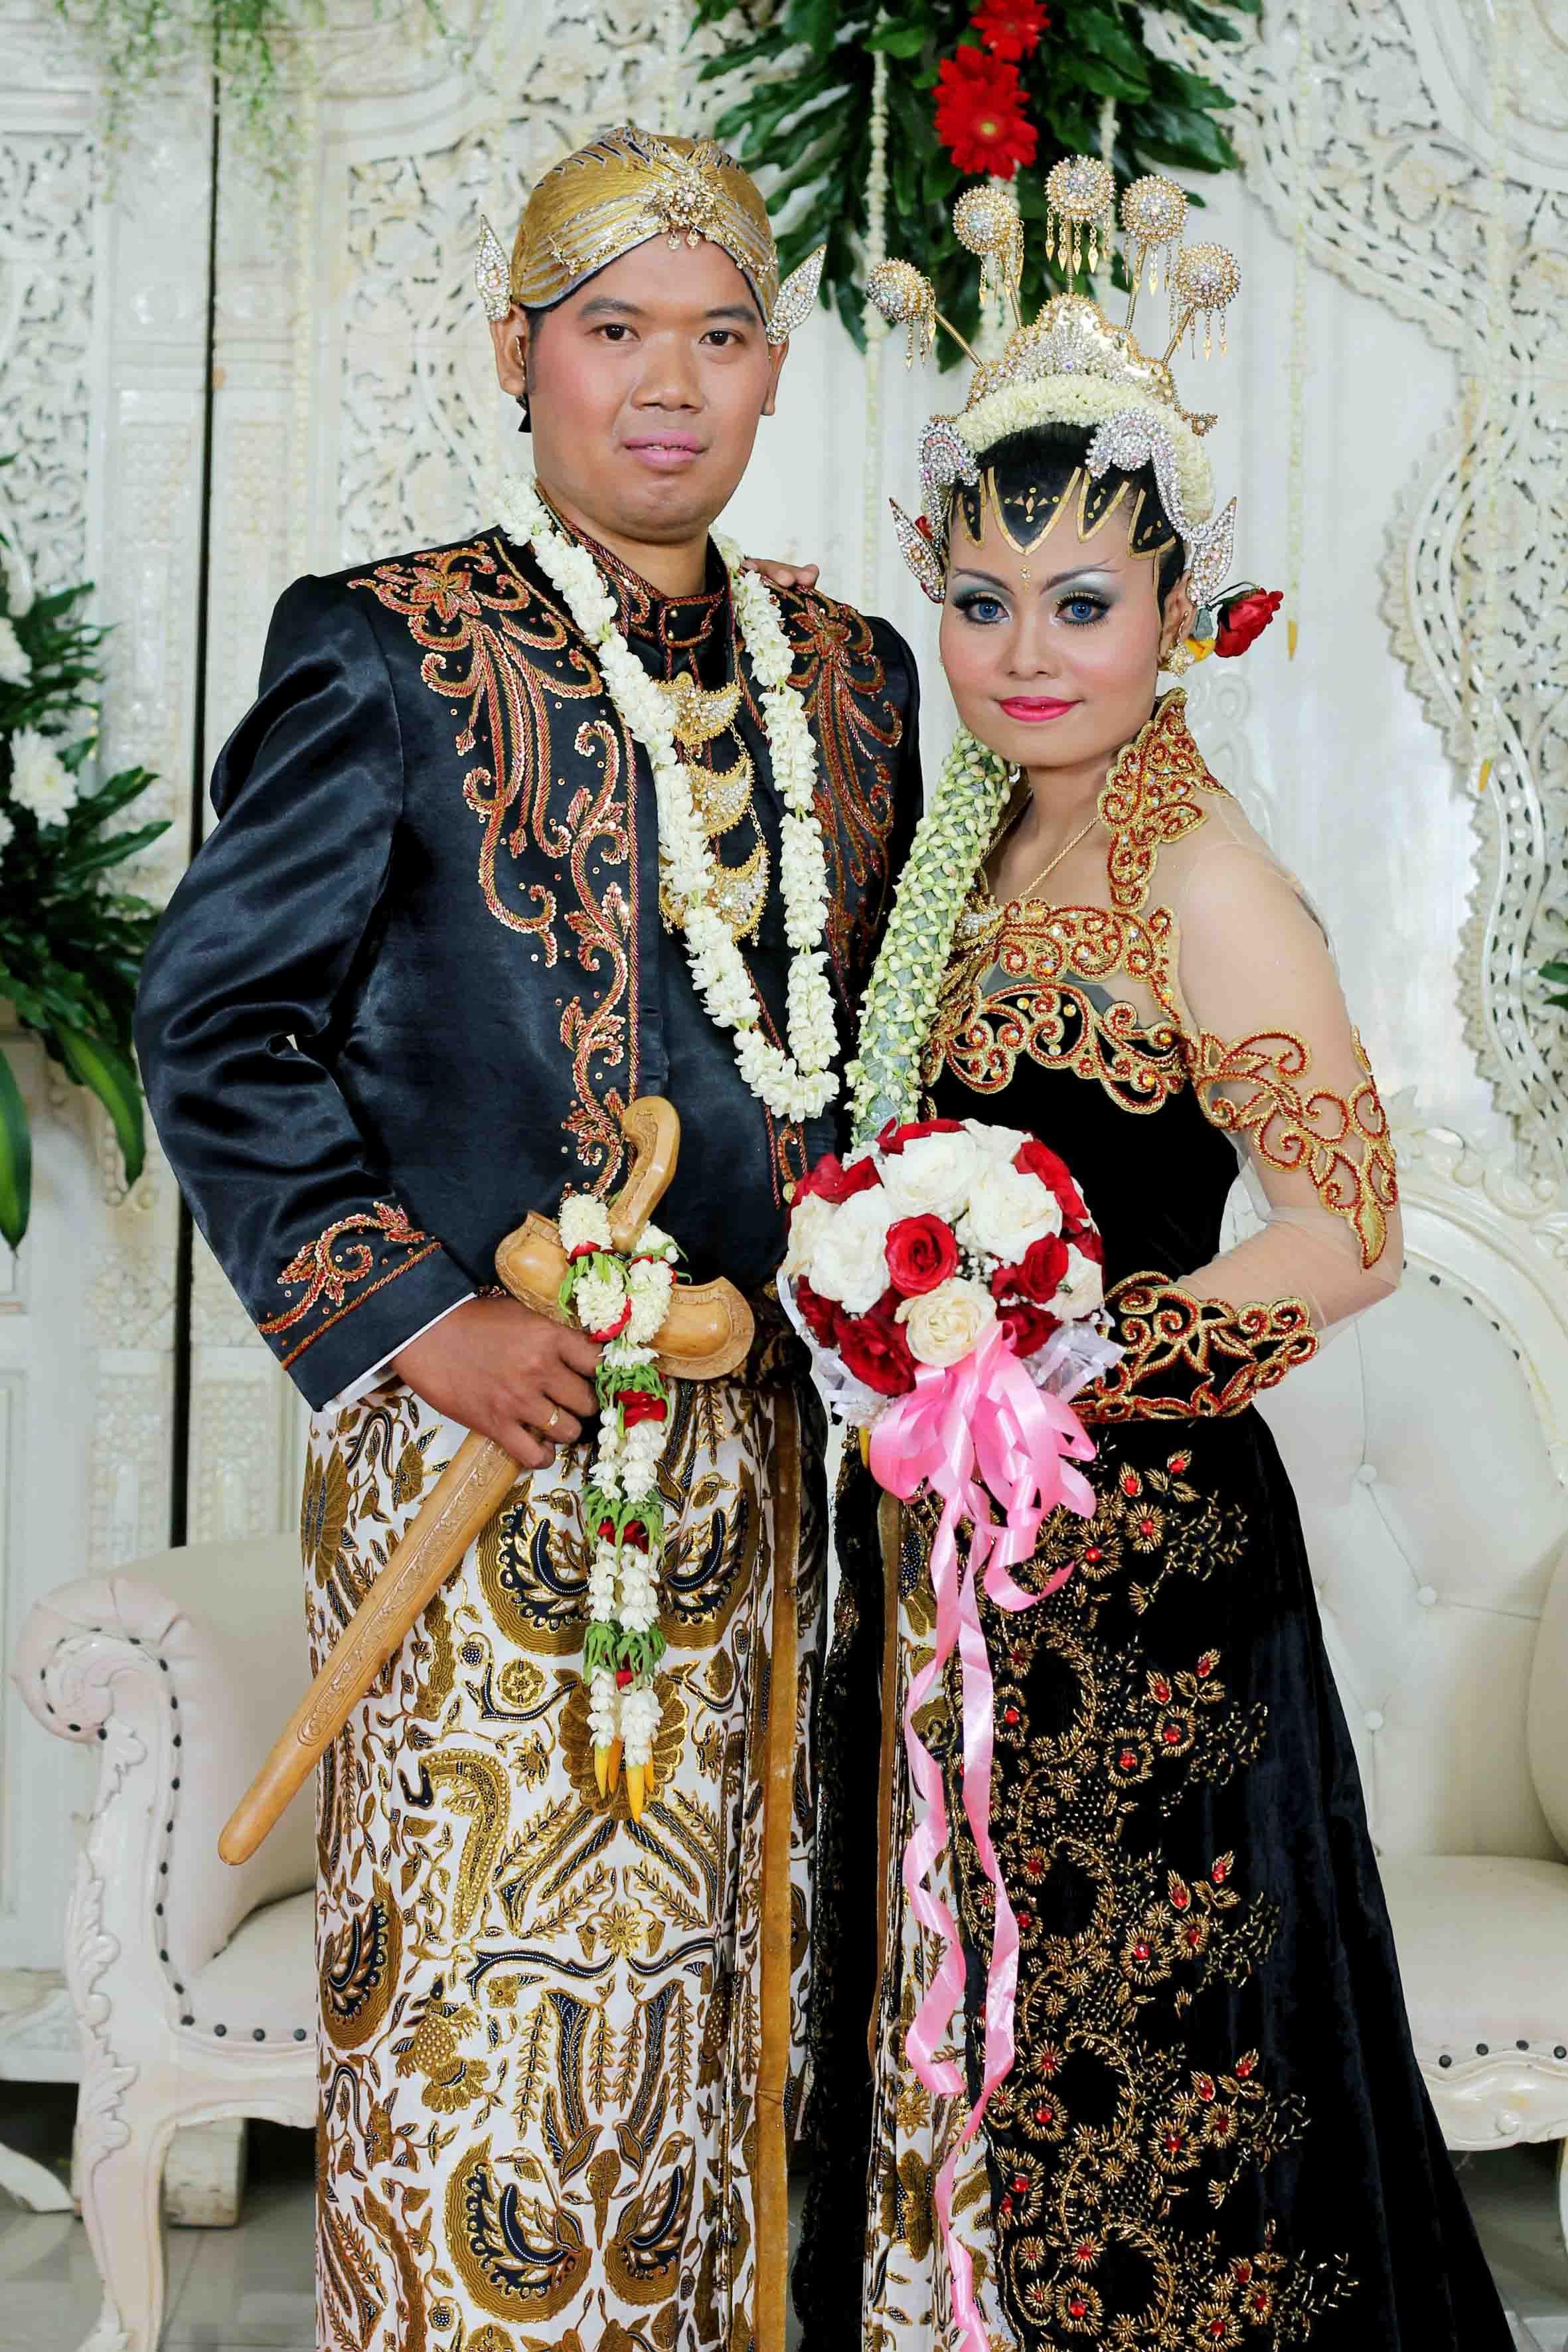 gaun pengantin adat jawa  Gaun pengantin, Pengantin, Gaun